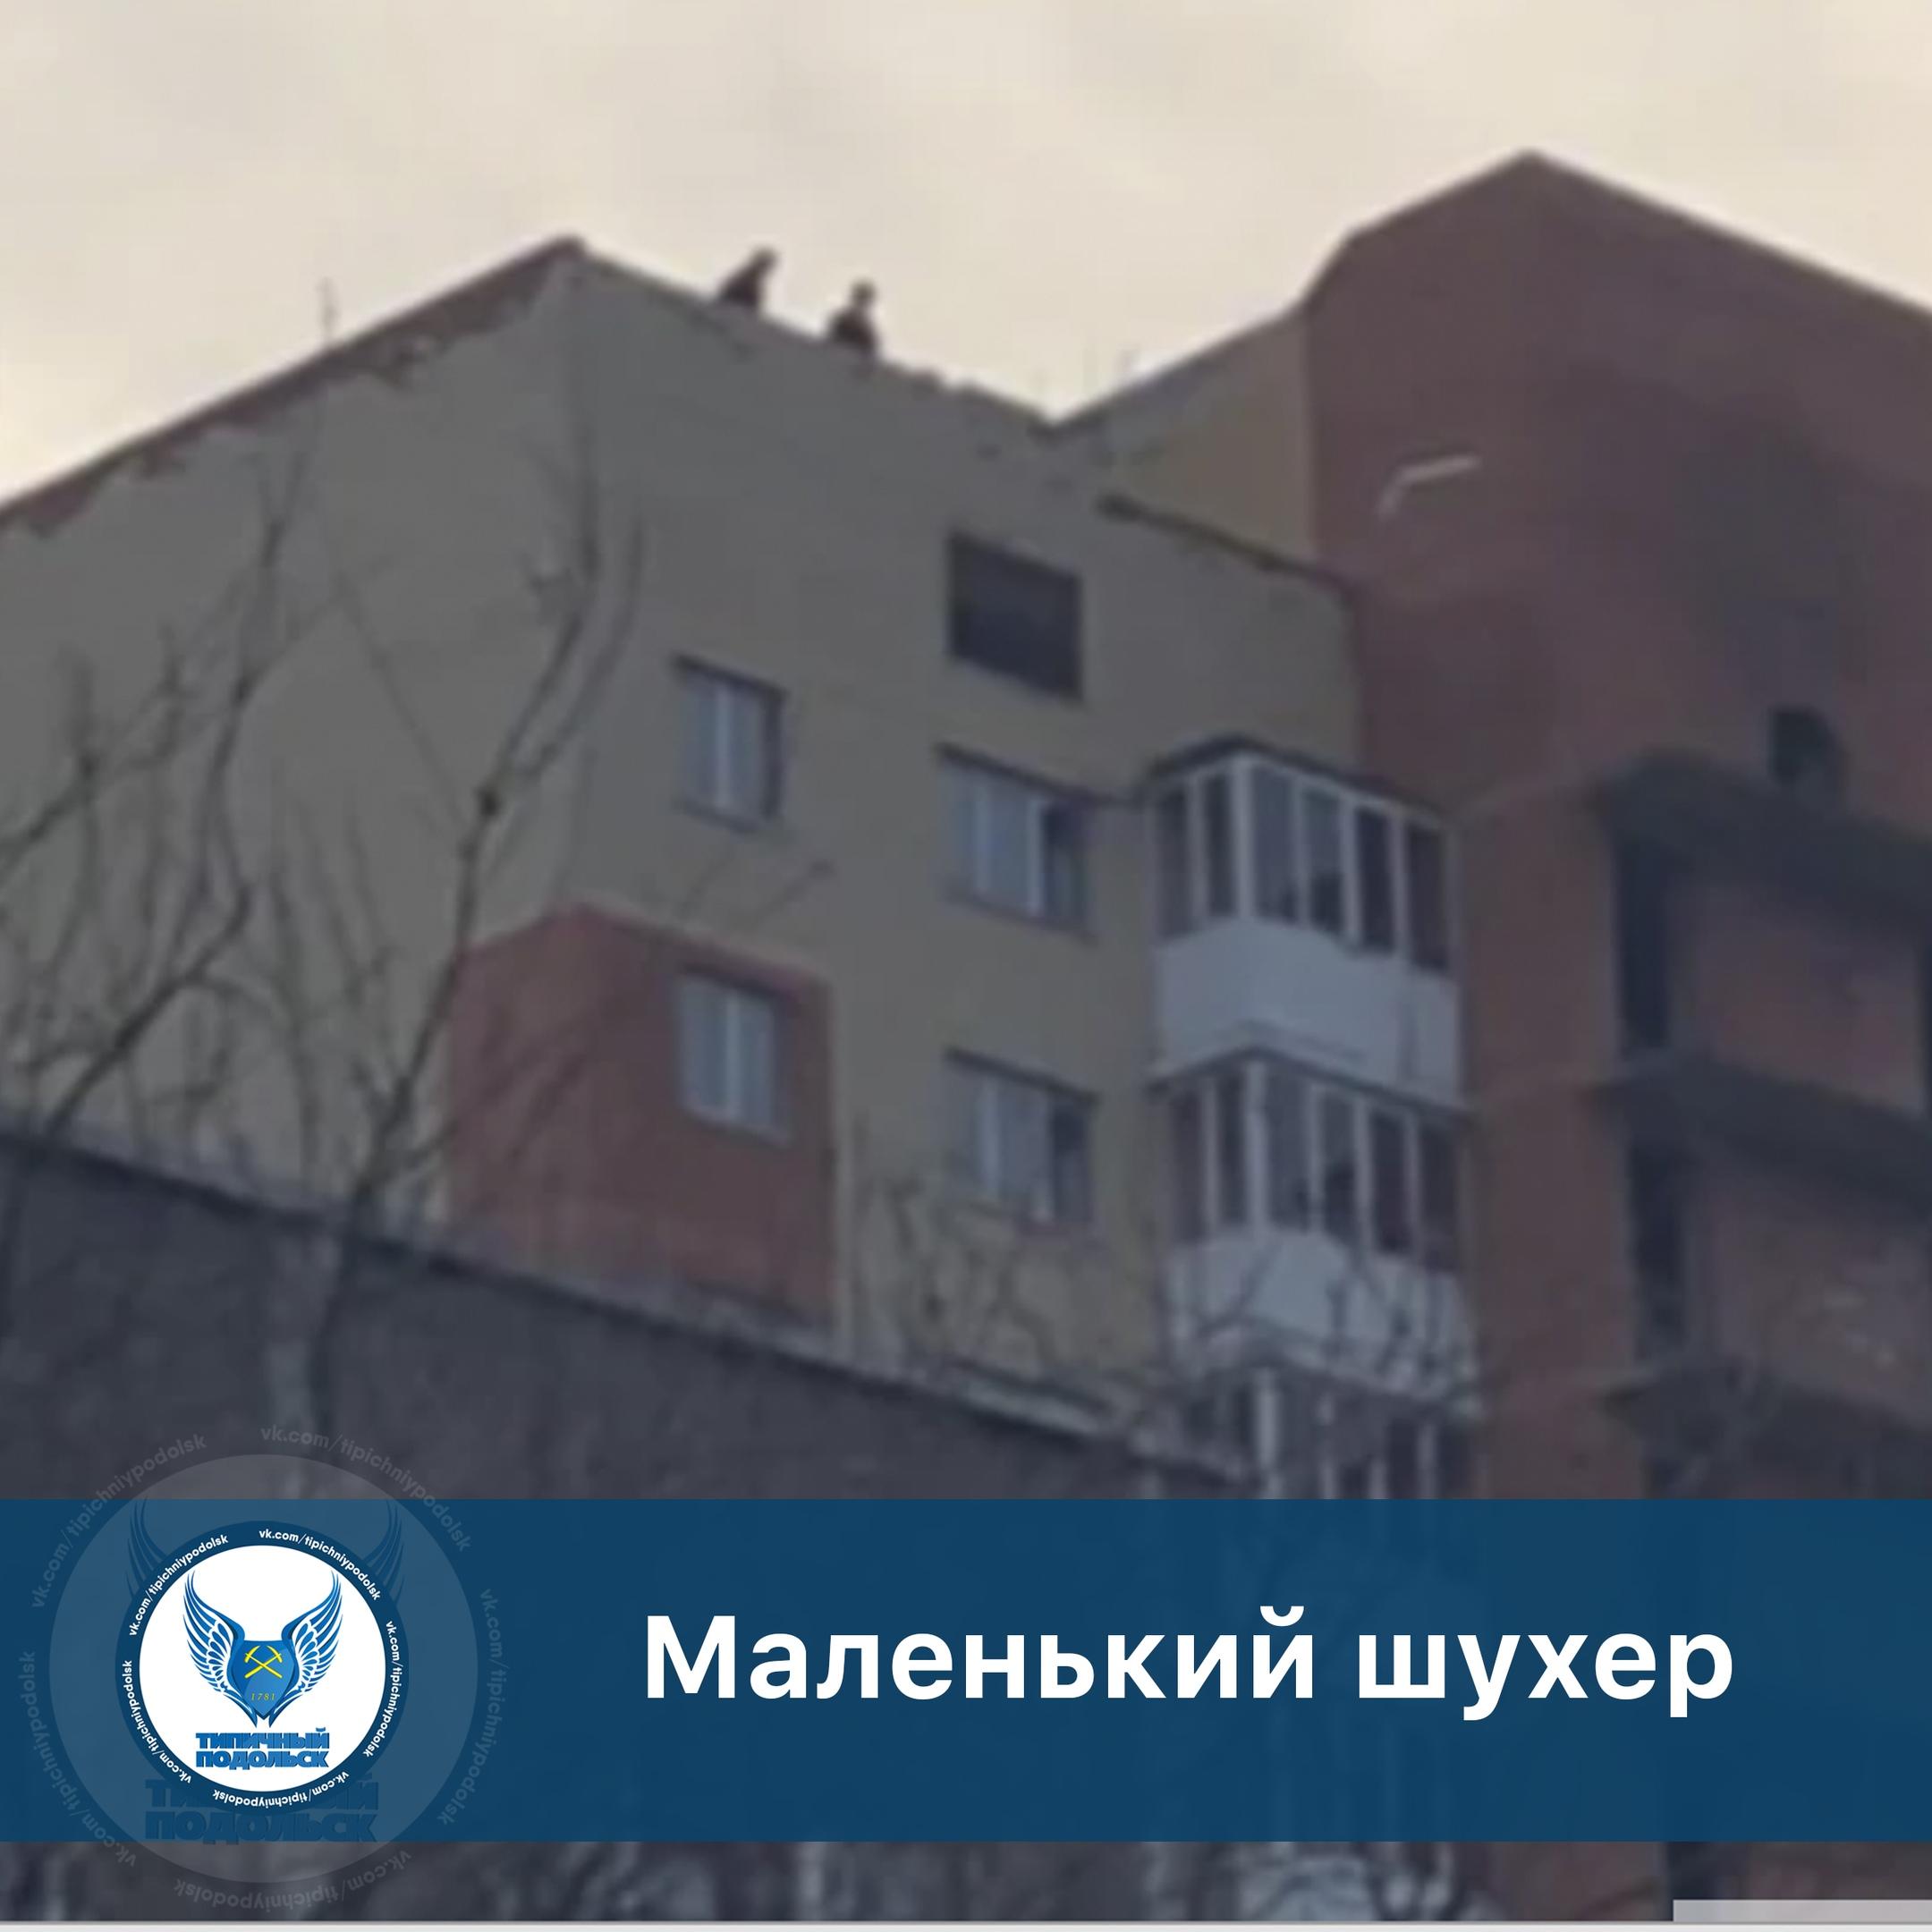 Подростки скидывают кирпичи с крыши недостроенного дома в Подольске